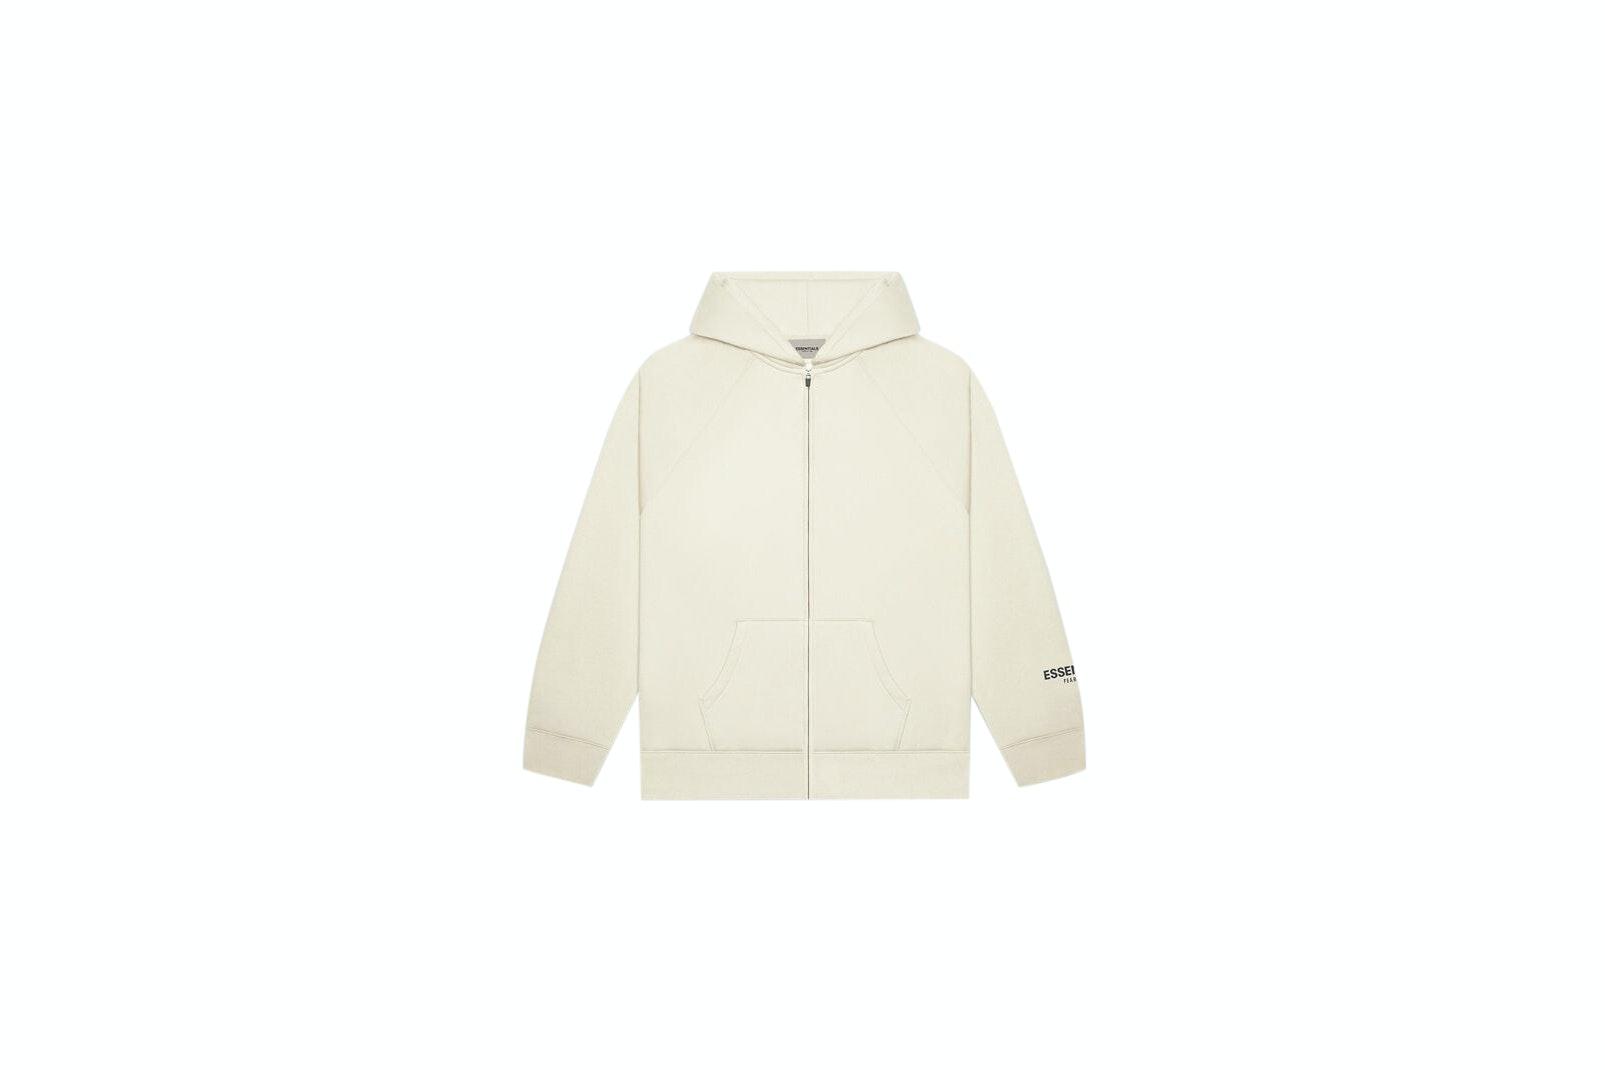 Essentials Boys Fleece Zip-Up Sweatshirt Hoodies